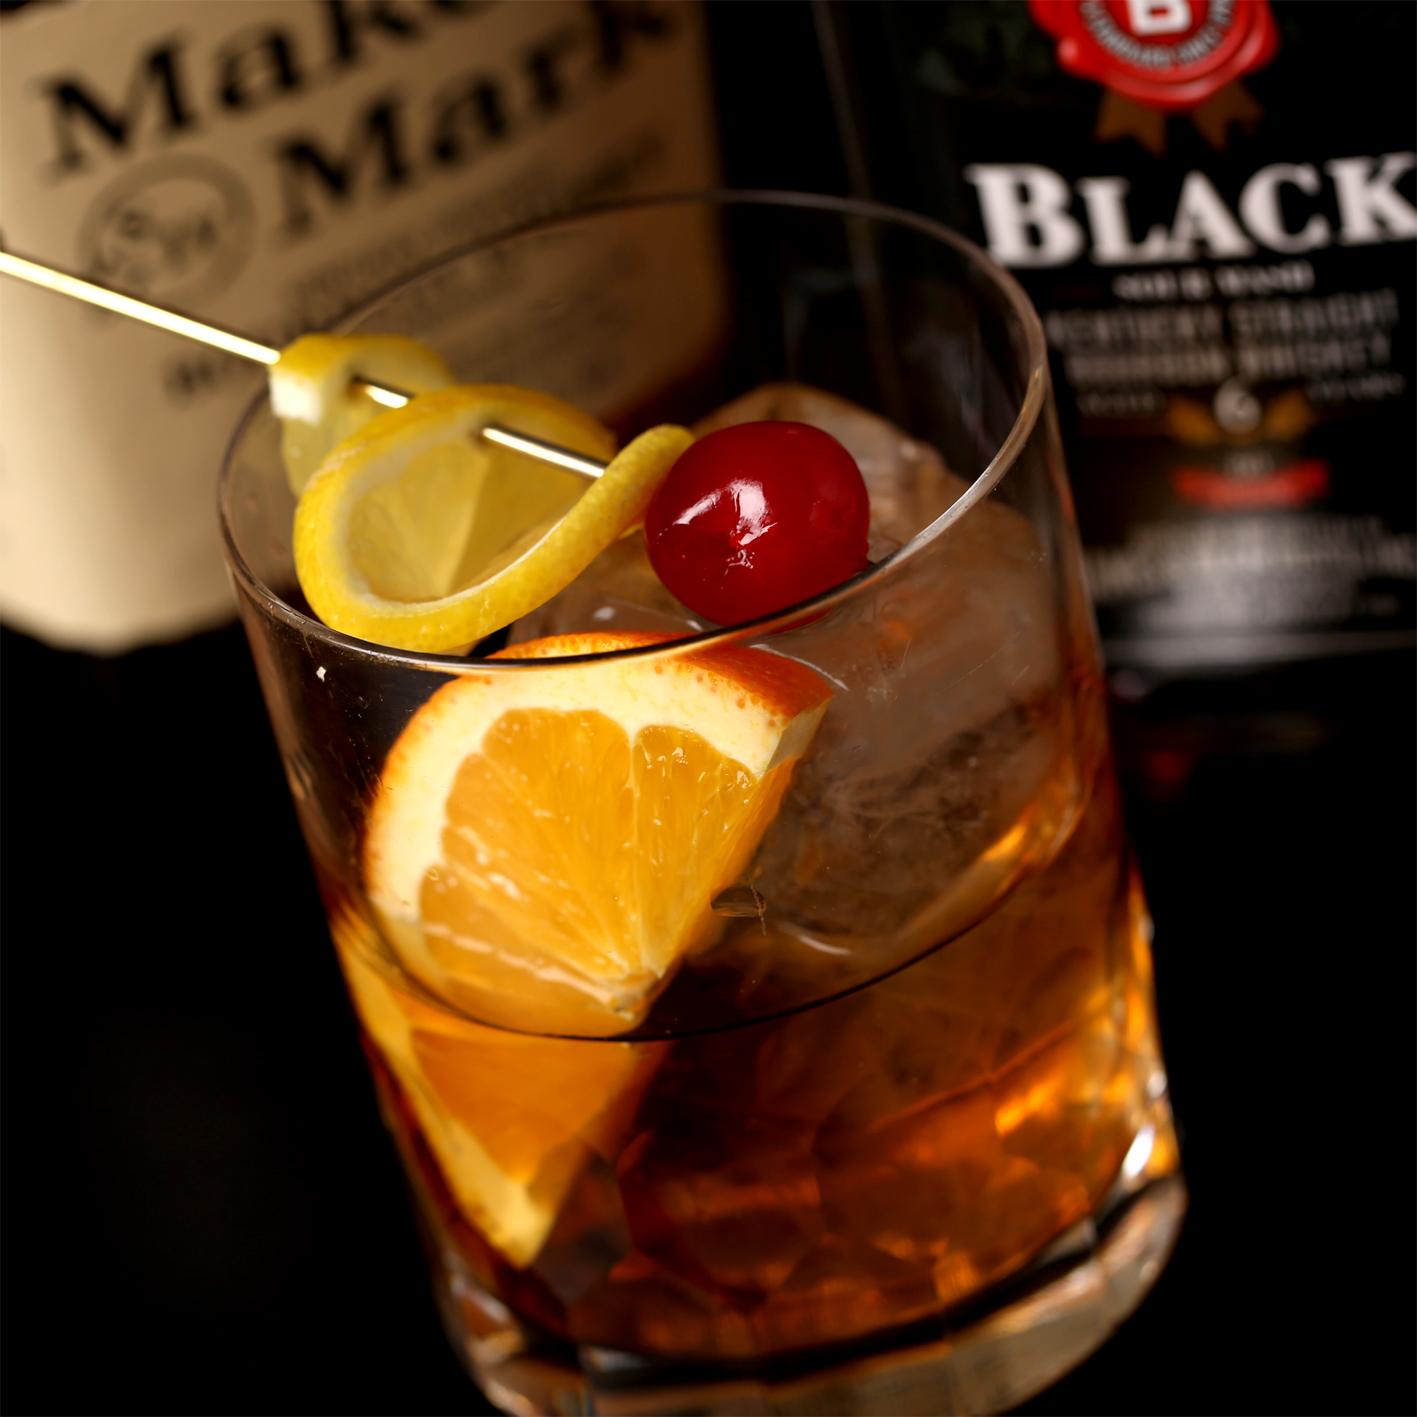 ウイスキーベースカクテル ~ Whisky base